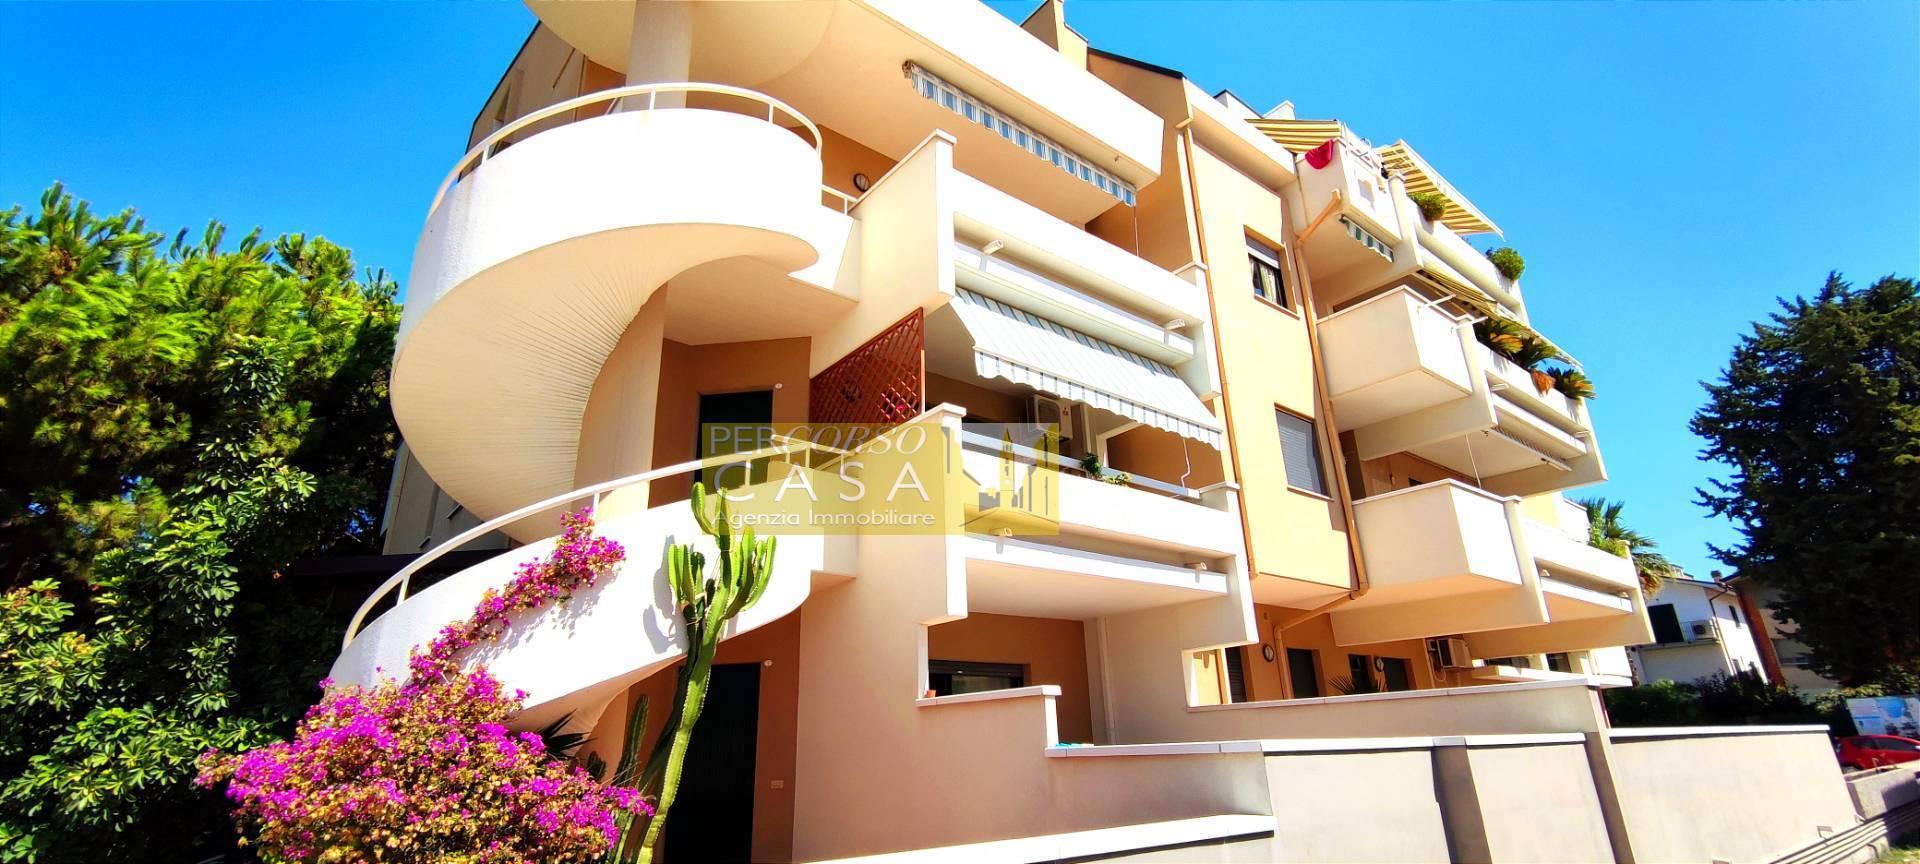 Appartamento in vendita a Tortoreto, 4 locali, zona Località: TortoretoLido, prezzo € 115.000 | PortaleAgenzieImmobiliari.it